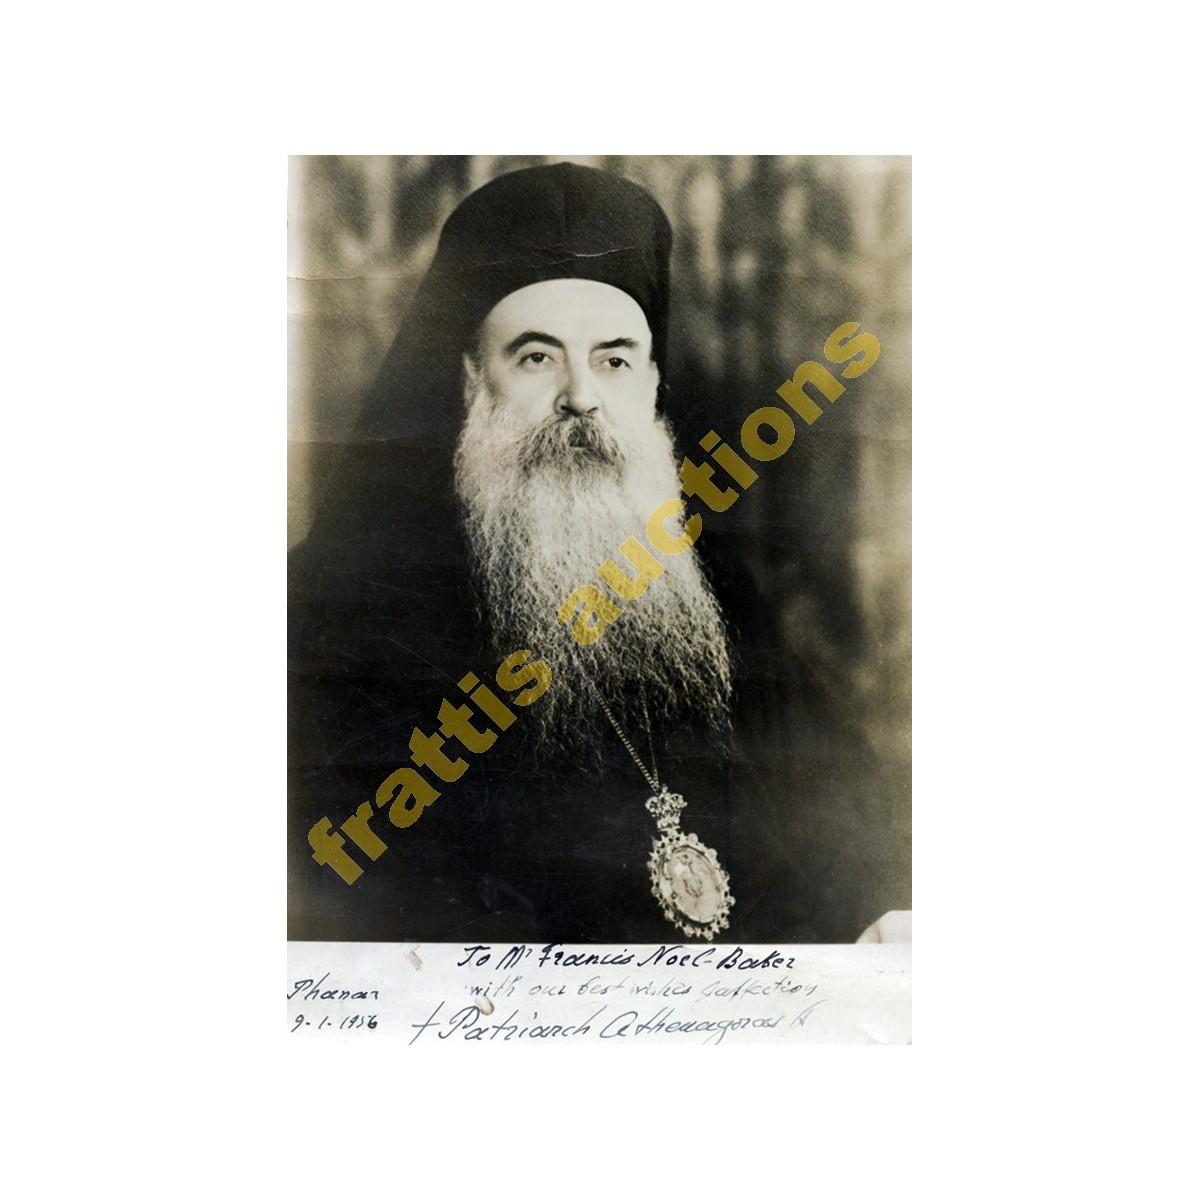 Αθηναγόρας. Πατριάρχης Κωνσταντινουπόλεως